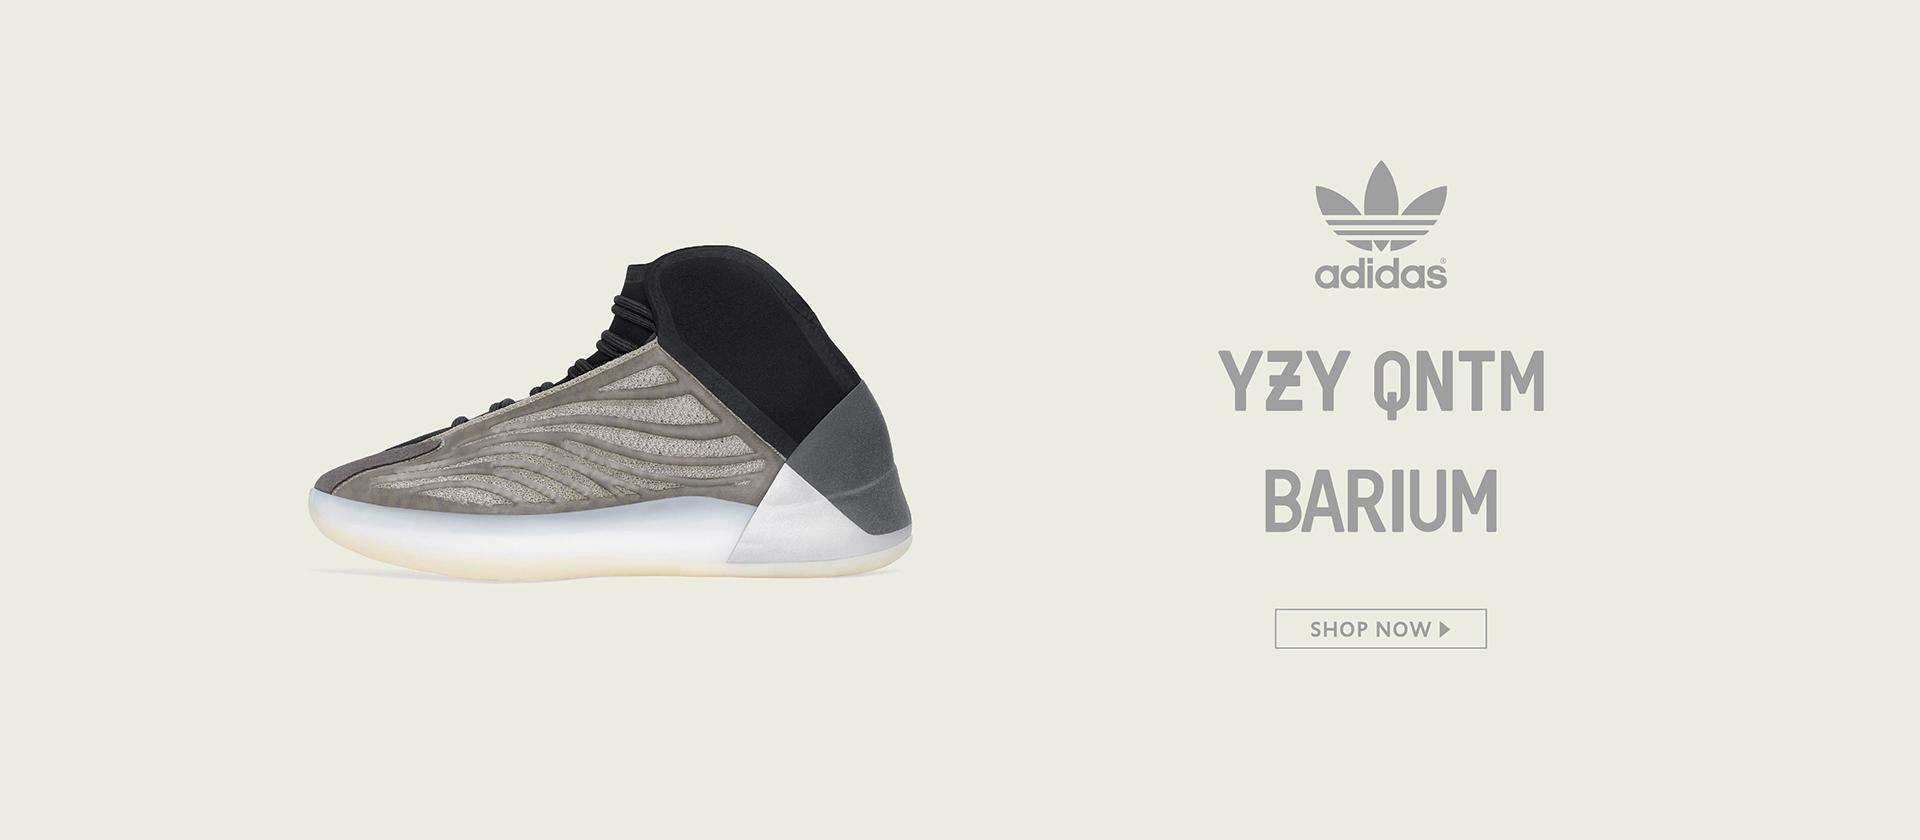 adidas YEEZY QNTM BARIUM 頂級限定籃球鞋